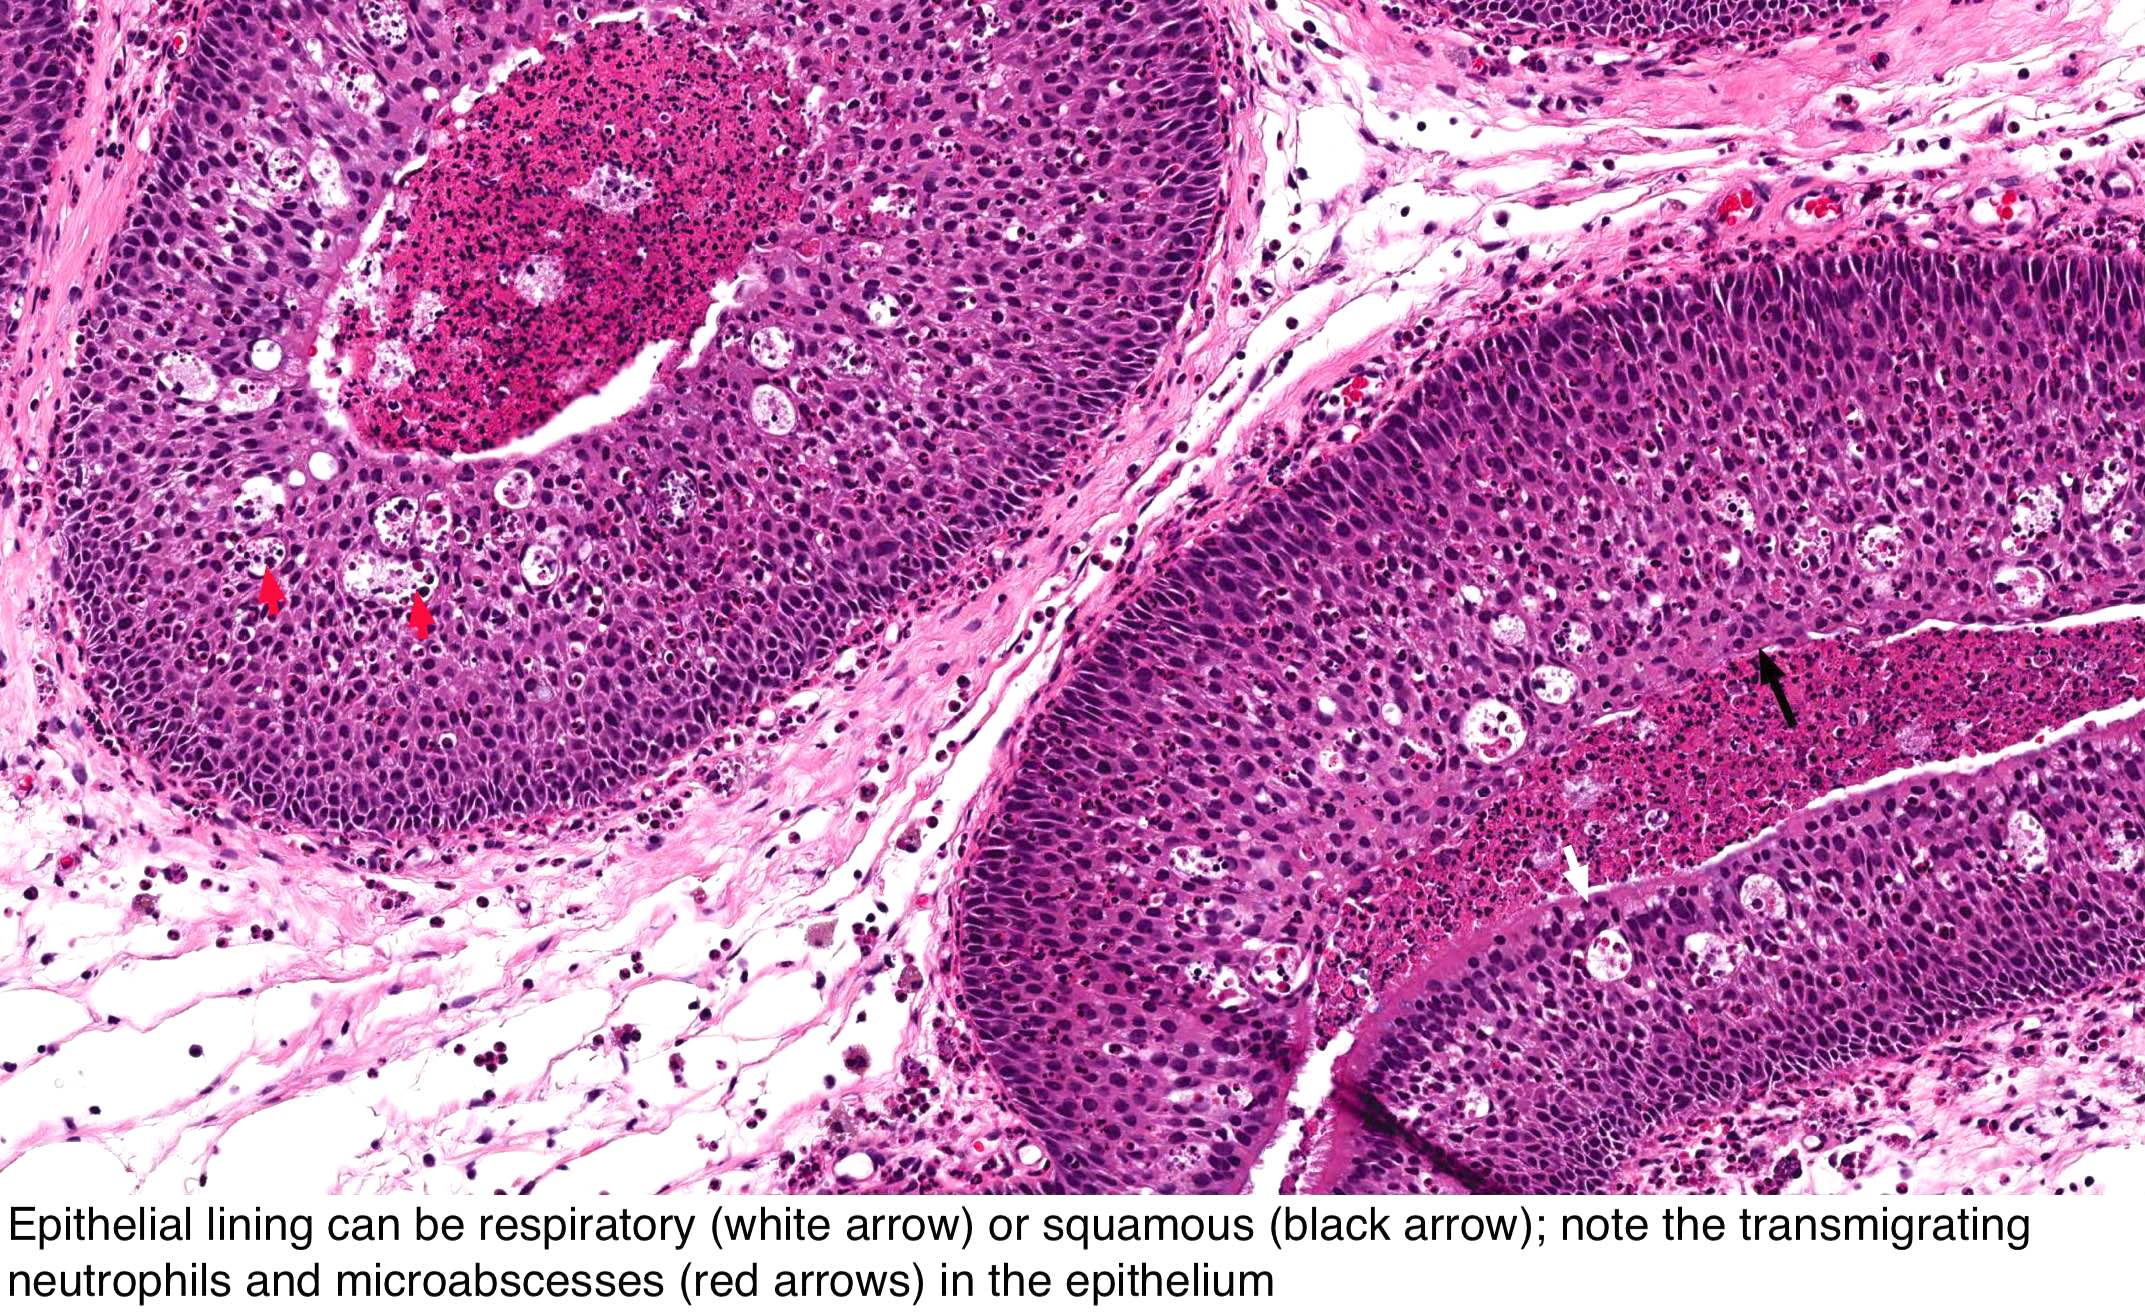 cum funcționează detoxifierea colonului virus del papiloma y menstruacion